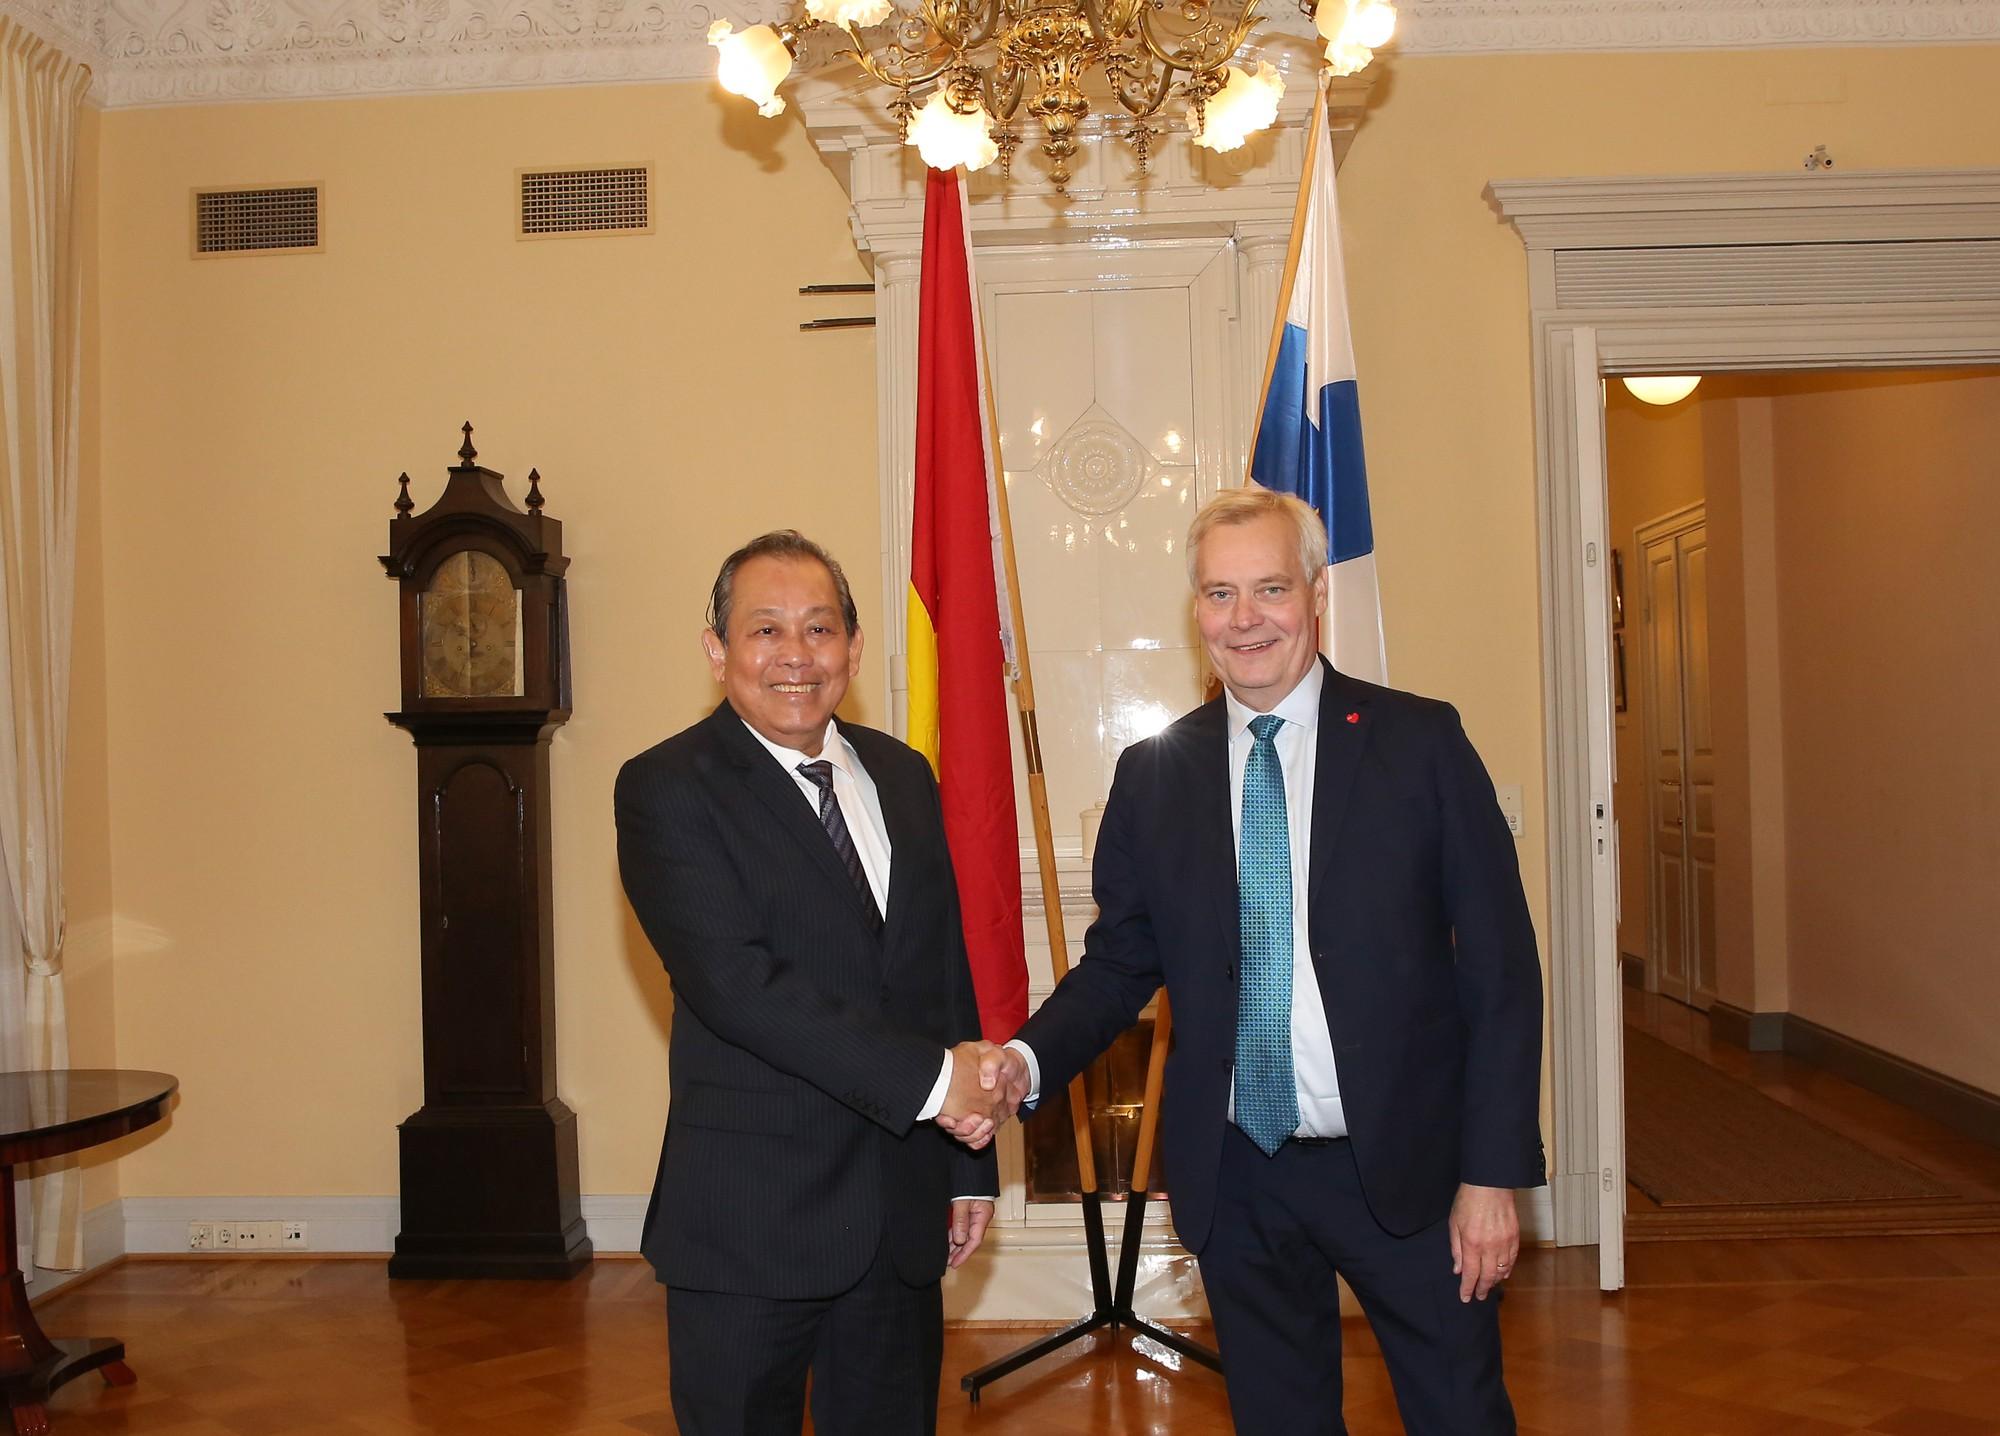 Phó Thủ tướng Trương Hòa Bình hội kiến Thủ tướng Phần Lan Antii Rinne - Ảnh 1.